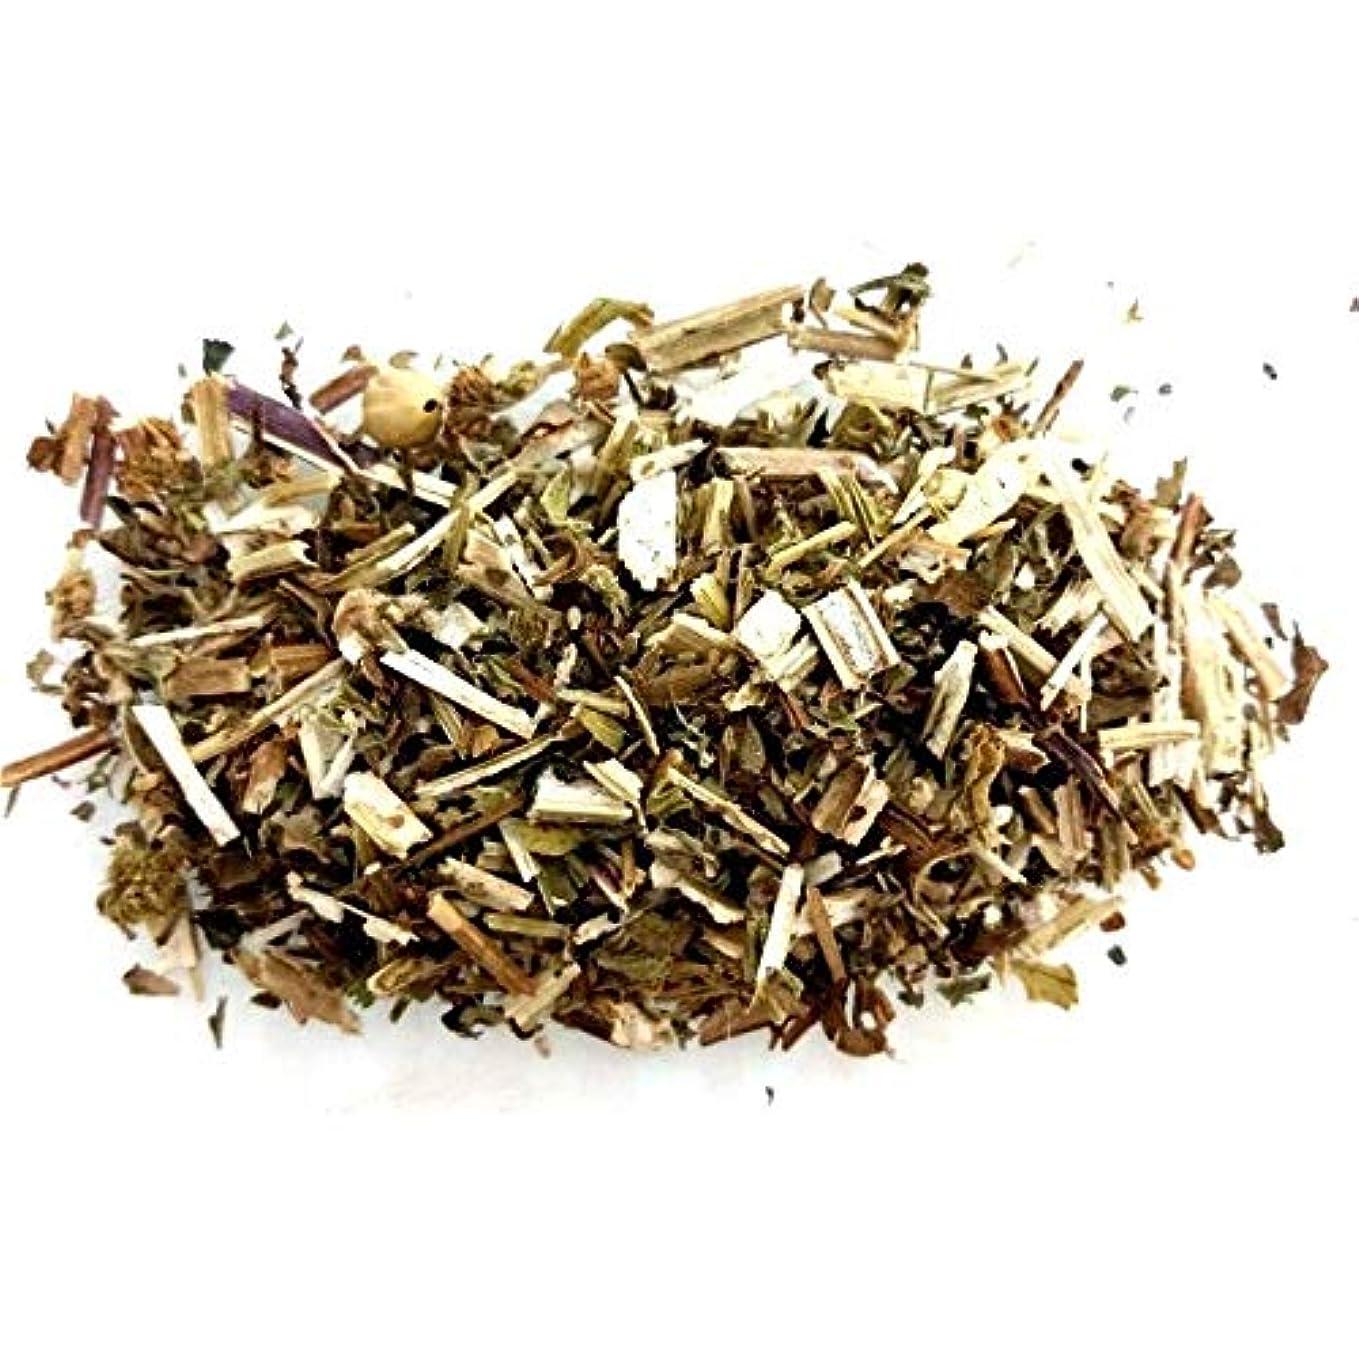 クッション子孫ファイル種子パッケージ:フレグランスMagikal Seedion儀式ウィッカパガンゴス-Incense erwort